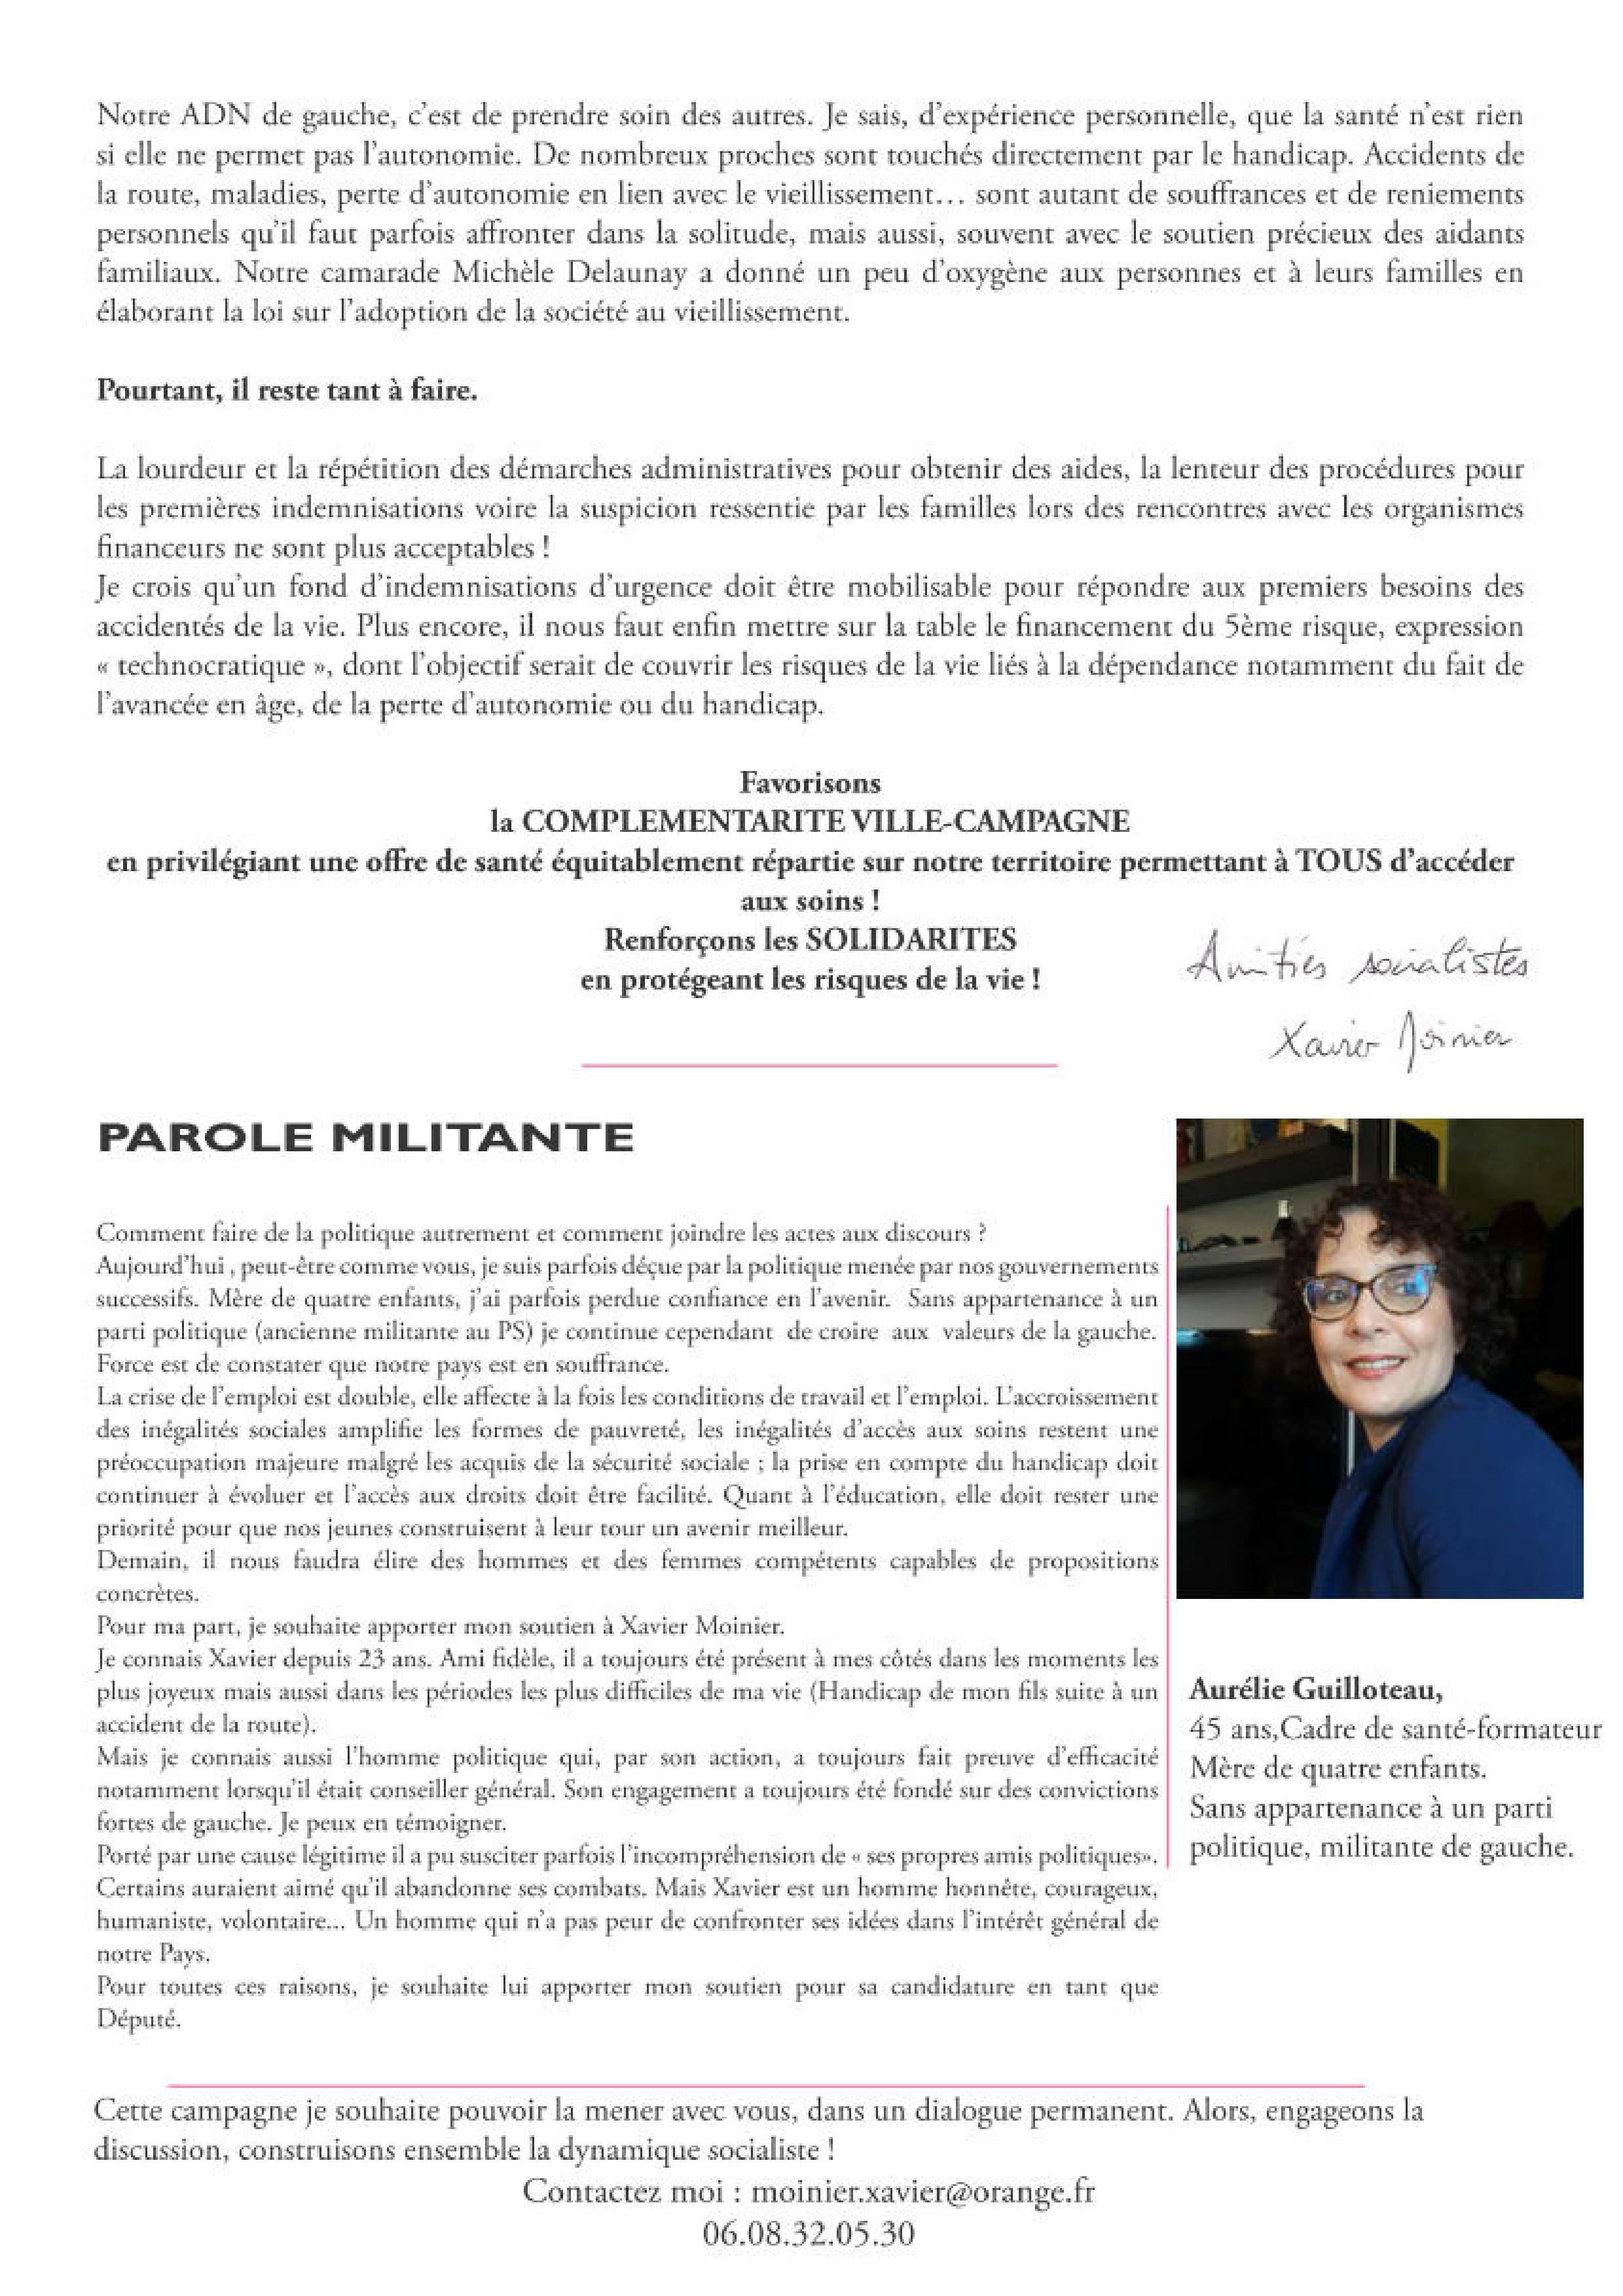 xaviermoinier-fr-lettre-aux-militants-5-page2